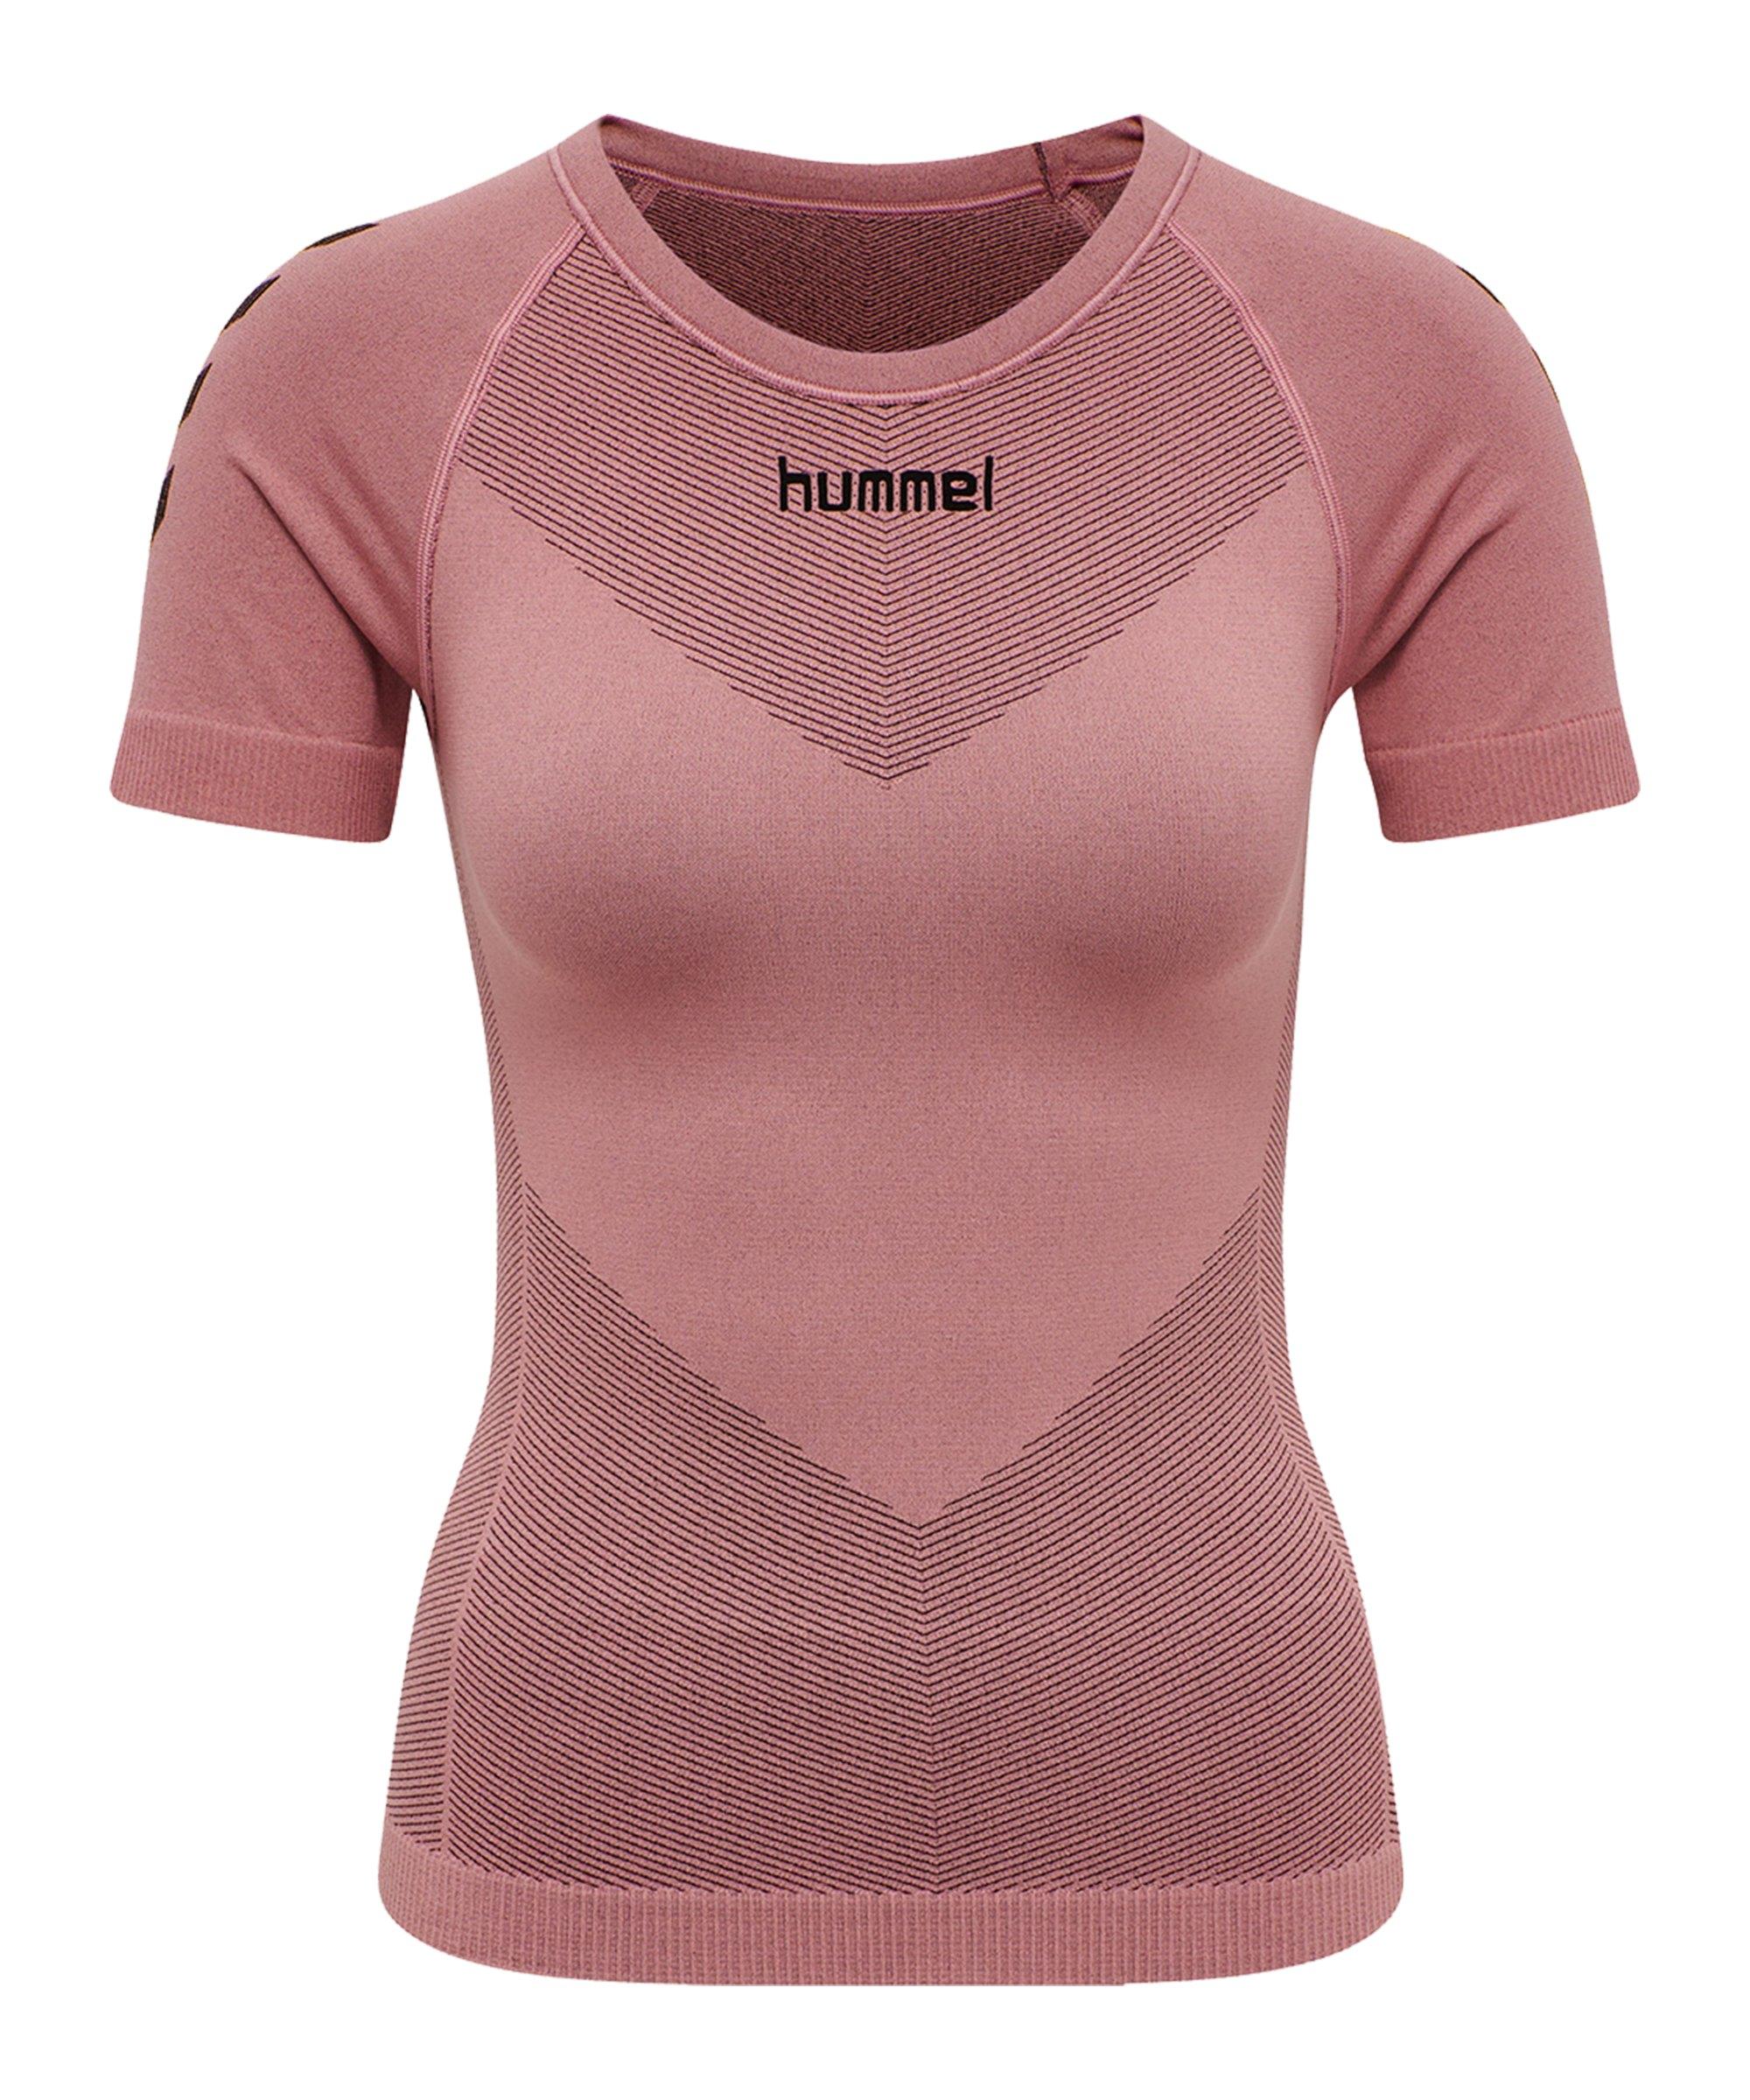 Hummel First Seamless T-Shirt Damen Rosa F4337 - rosa